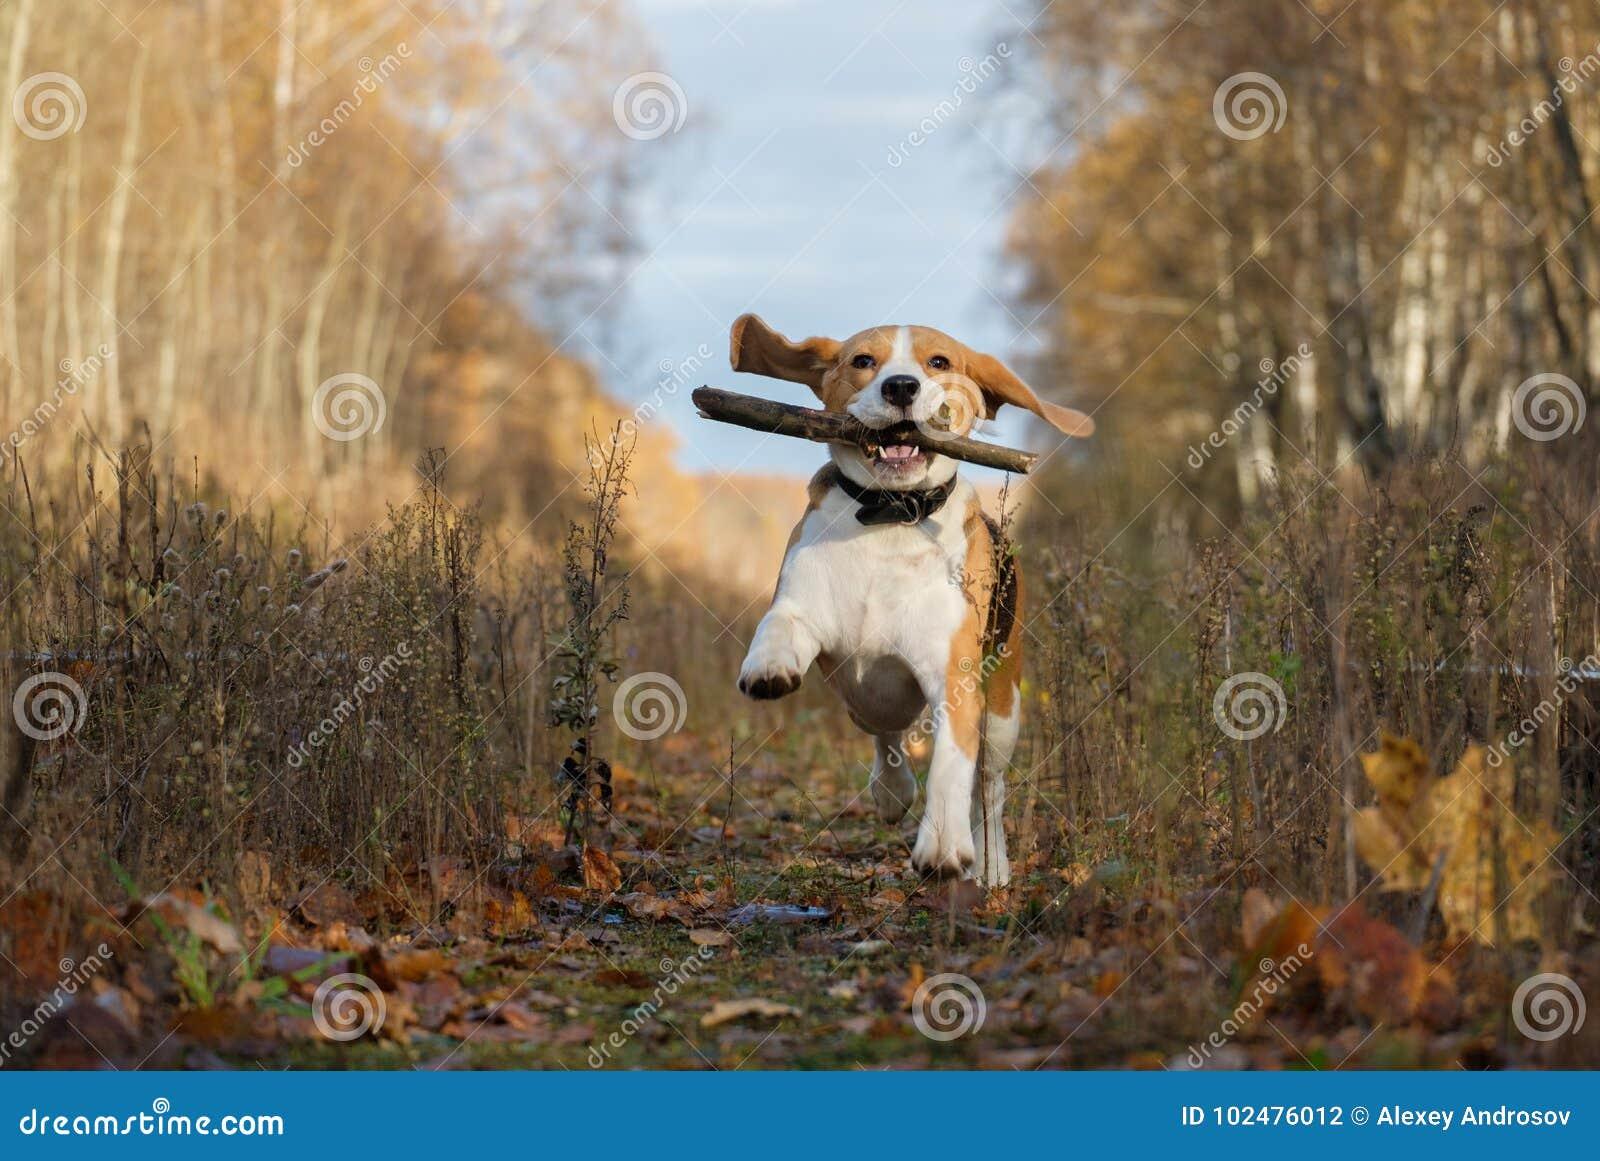 Spürhundhund, der mit einem Stock im Herbstwald spielt